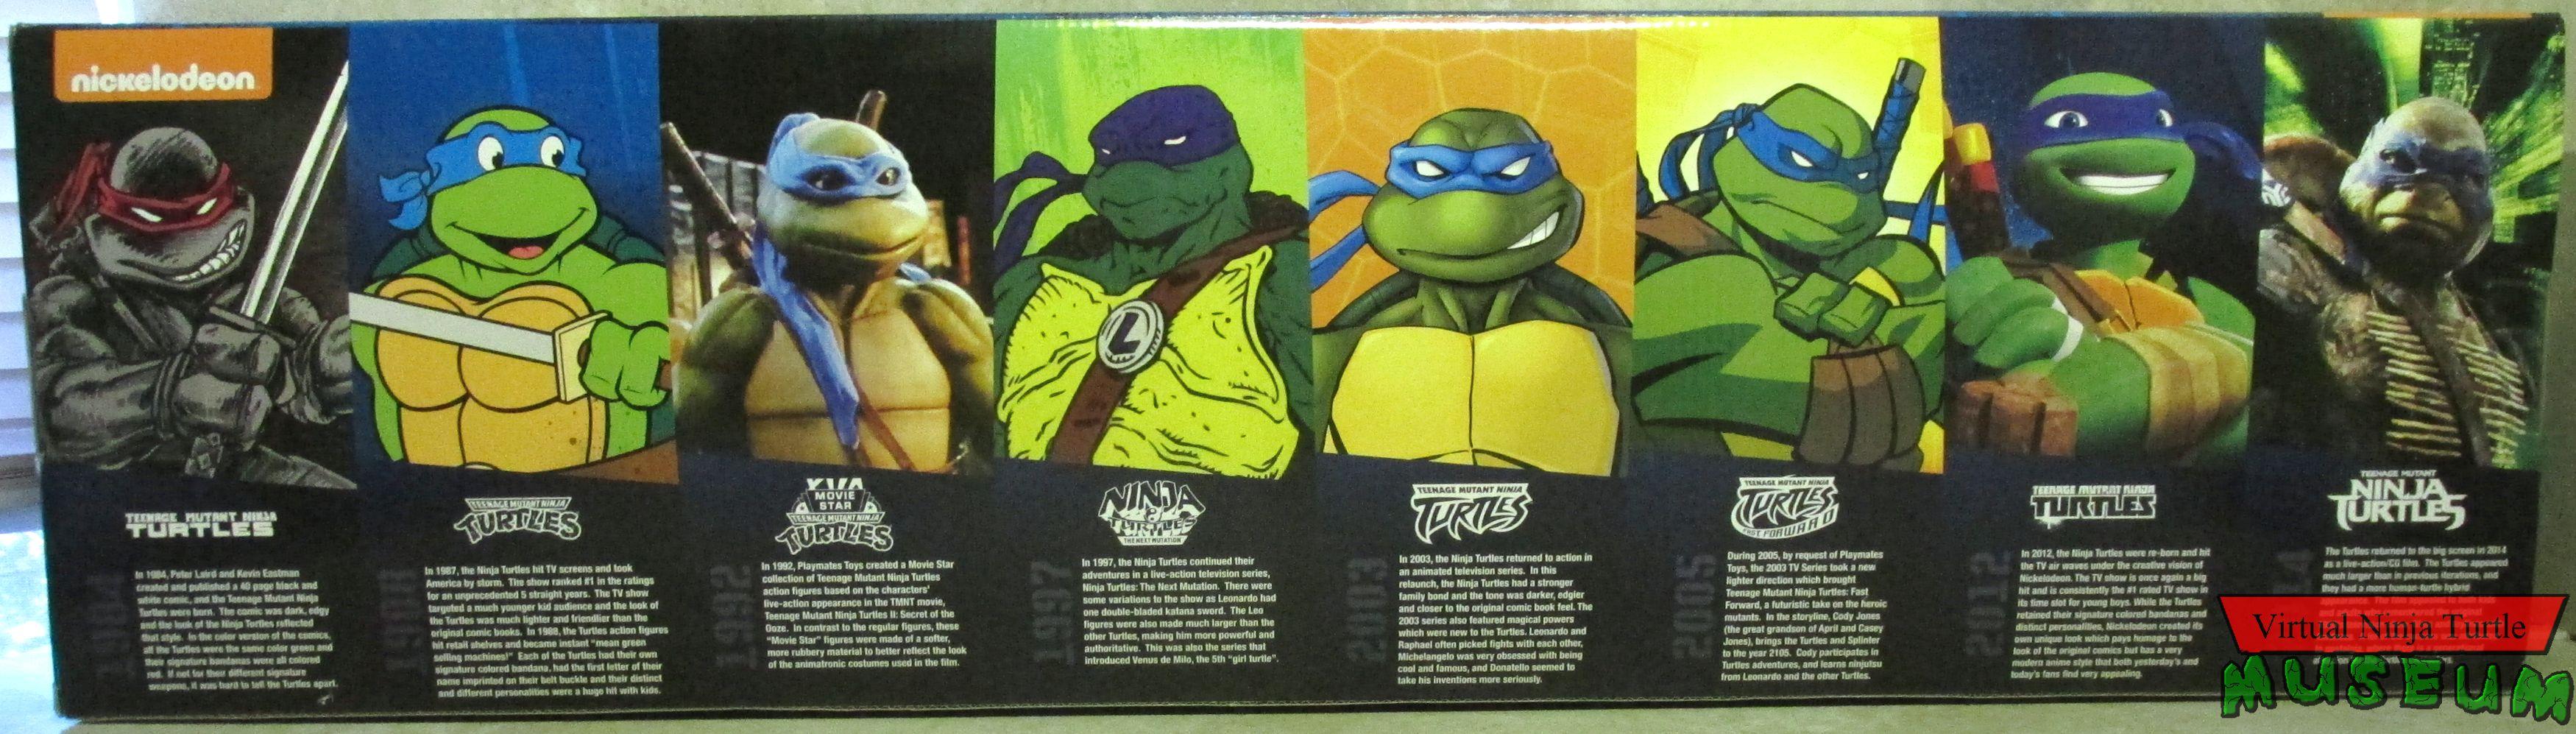 History Of Teenage Mutant Ninja Turtles Featuring Leonardo Box Set